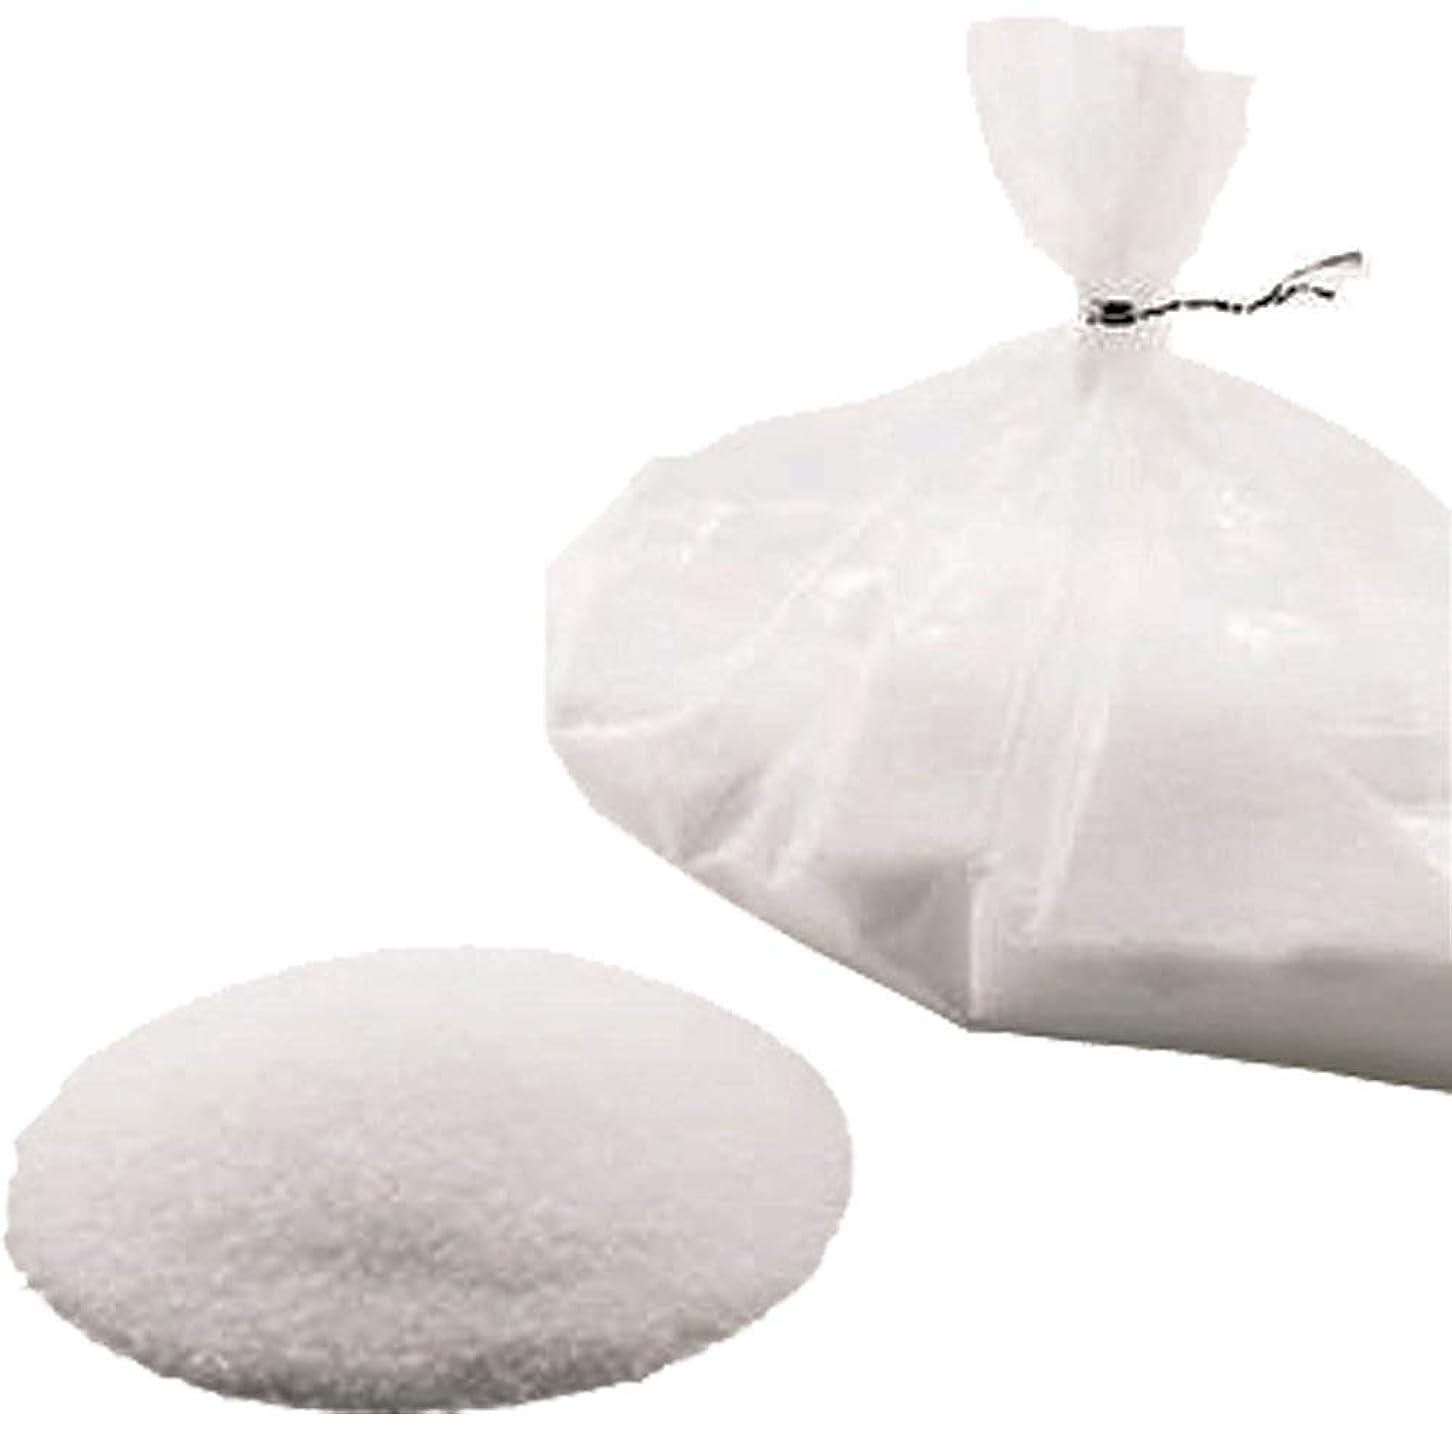 グリット新年コードカメヤマキャンドルハウス 手作り キャンドル 国産 パウダーワックス 原料 1kg